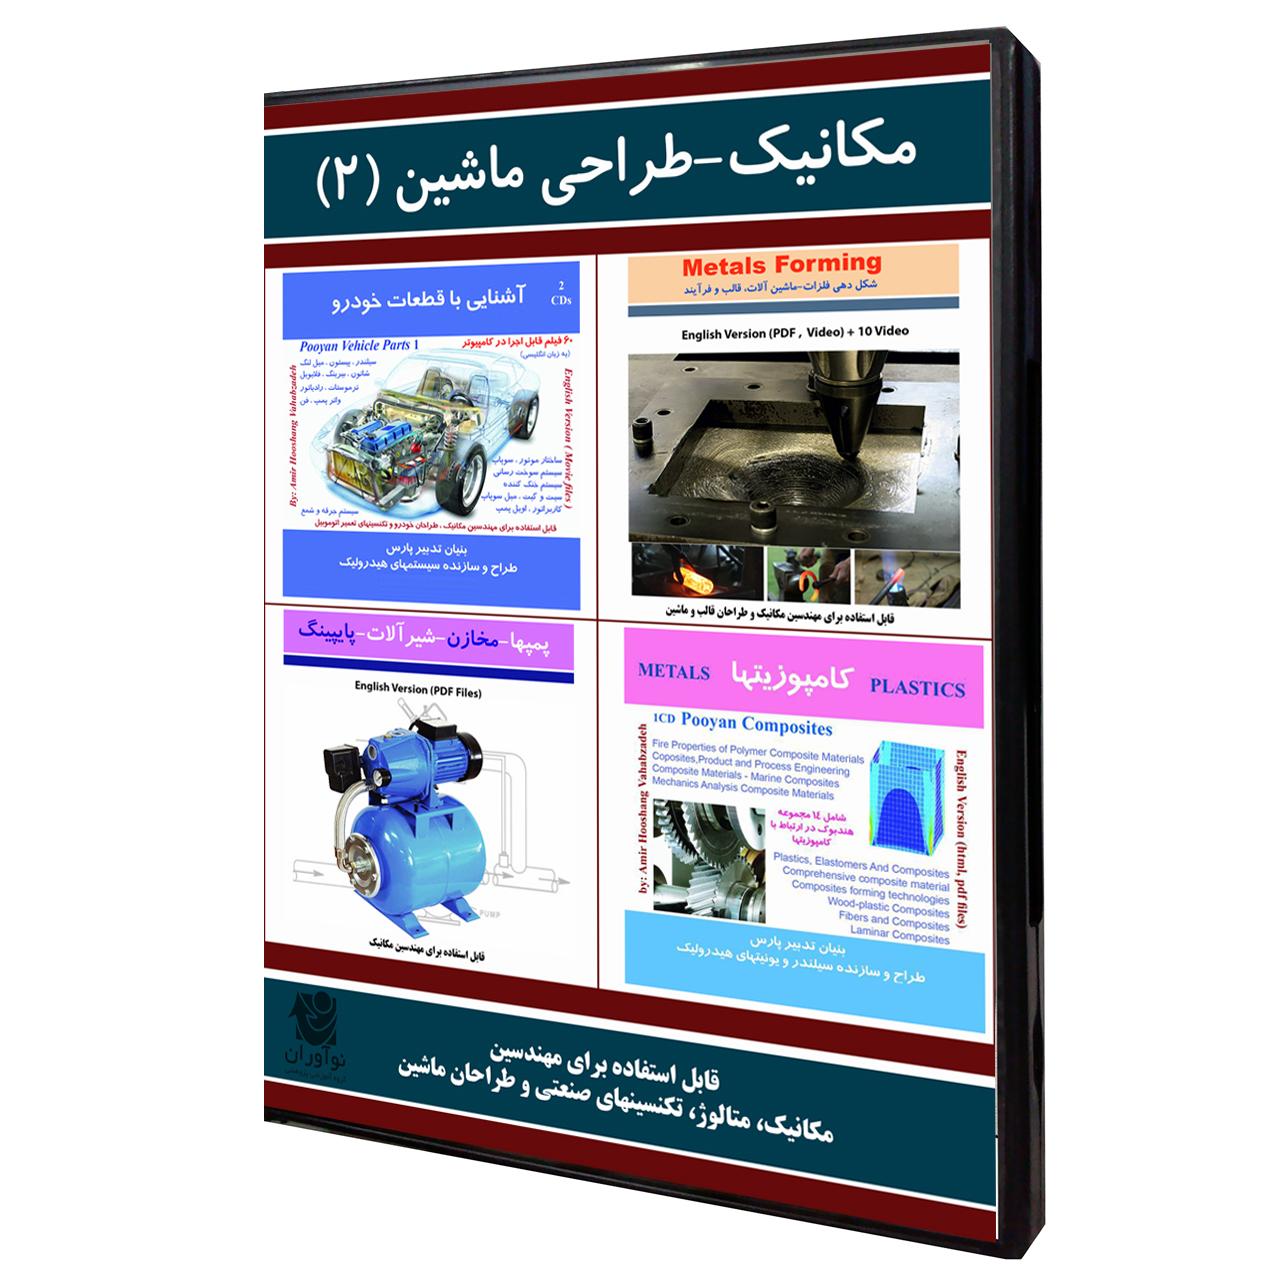 نرم افزار آموزش مهندسی مکانیک-طراحی ماشین (2) نشر نوآوران